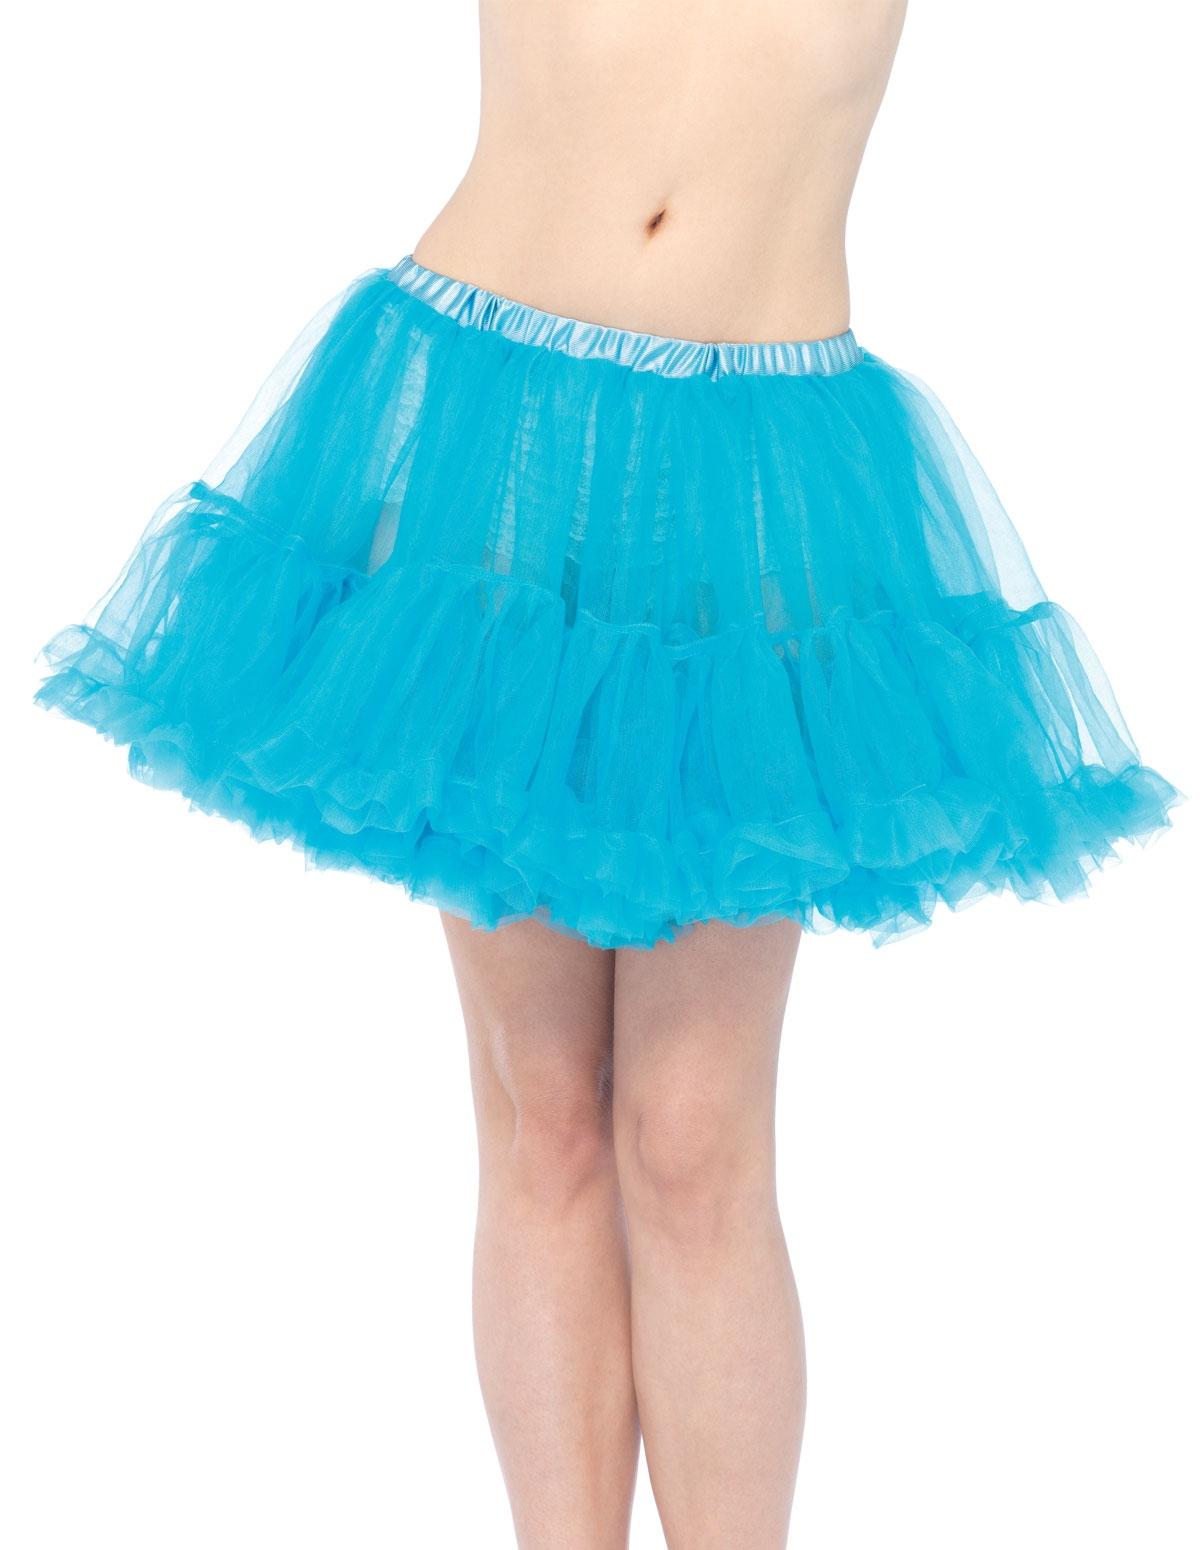 Ruffle Petticoat